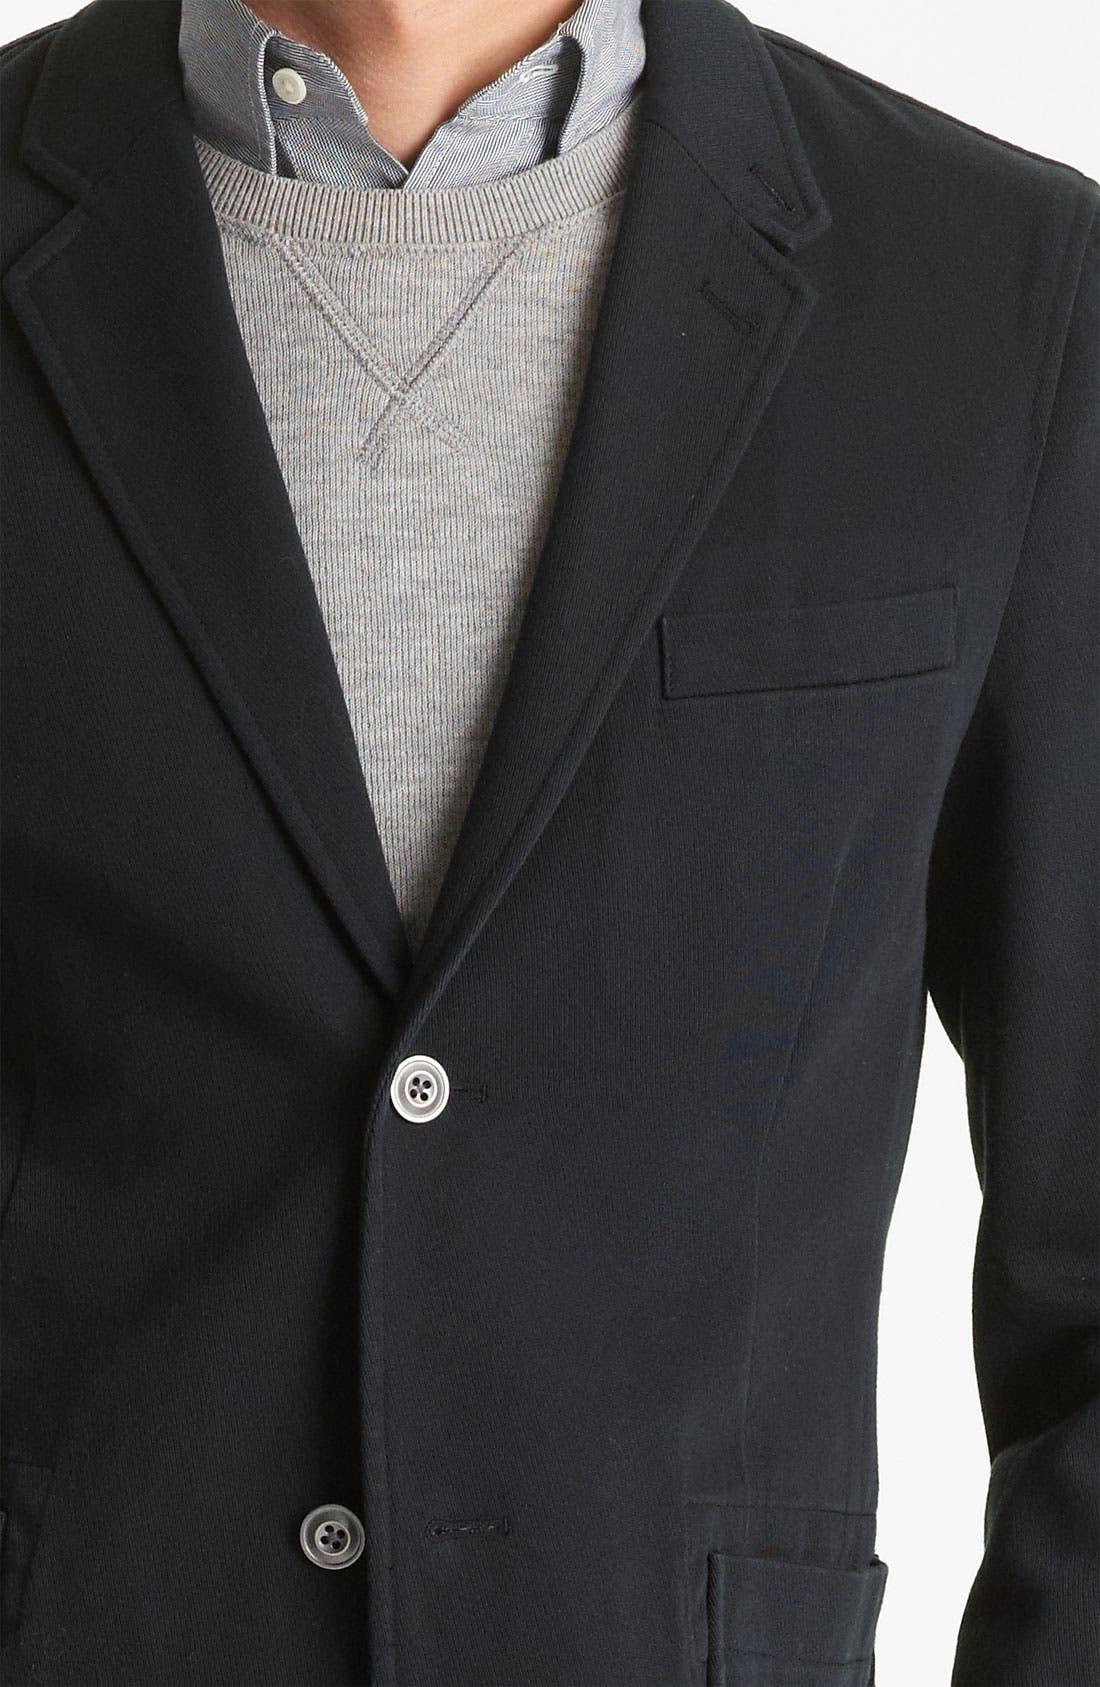 Alternate Image 3  - Jack Spade 'Sanborn' Twill Cotton Blazer